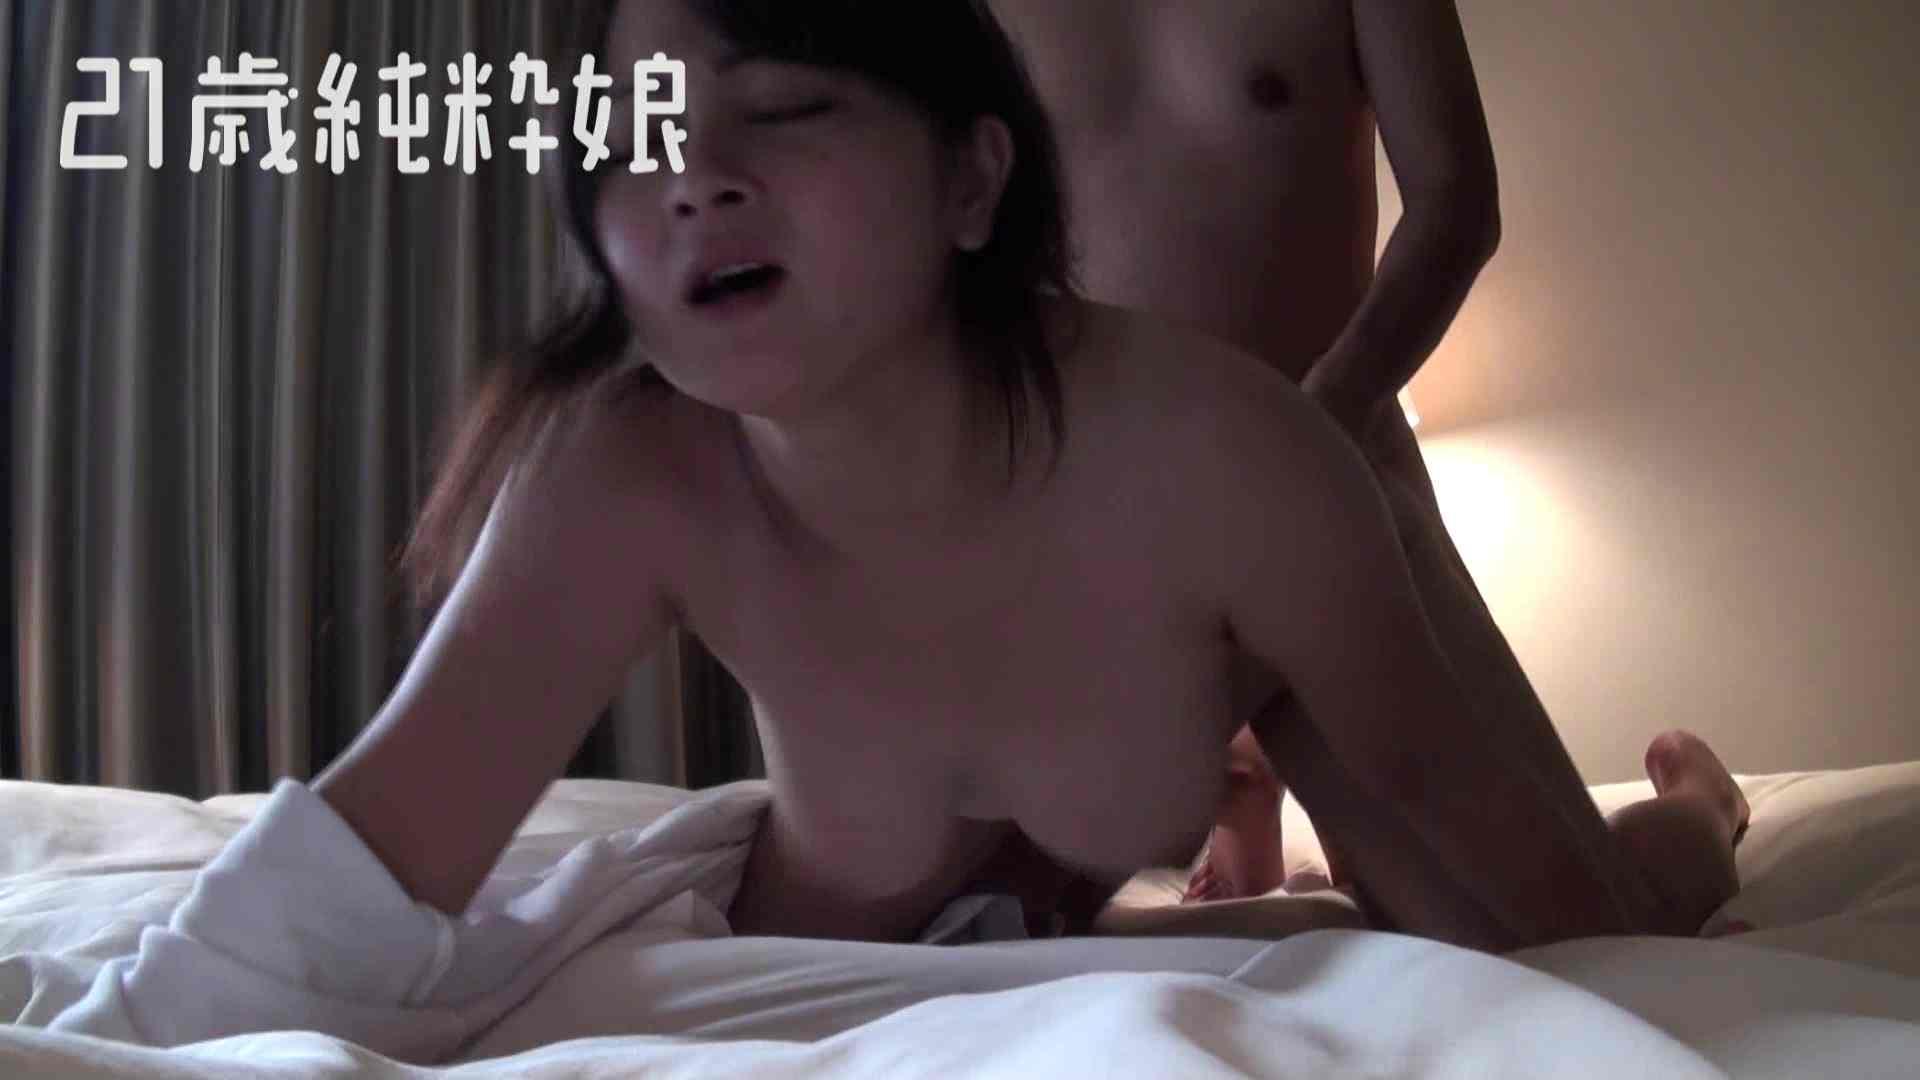 上京したばかりのGカップ21歳純粋嬢を都合の良い女にしてみた2 オナニー 盗み撮り動画キャプチャ 97連発 89